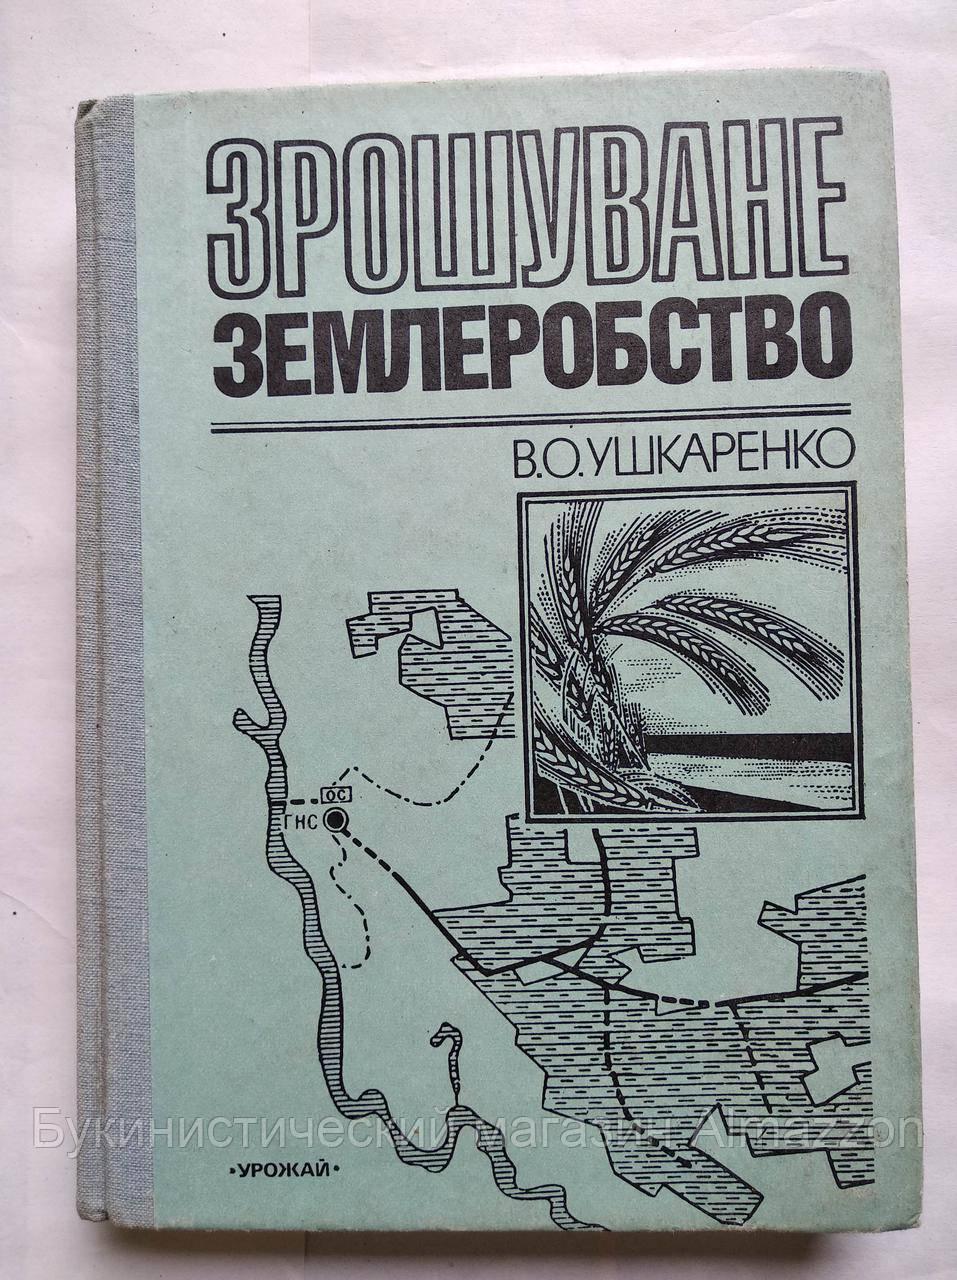 В.Ушкаренко  Зрошуване землеробство